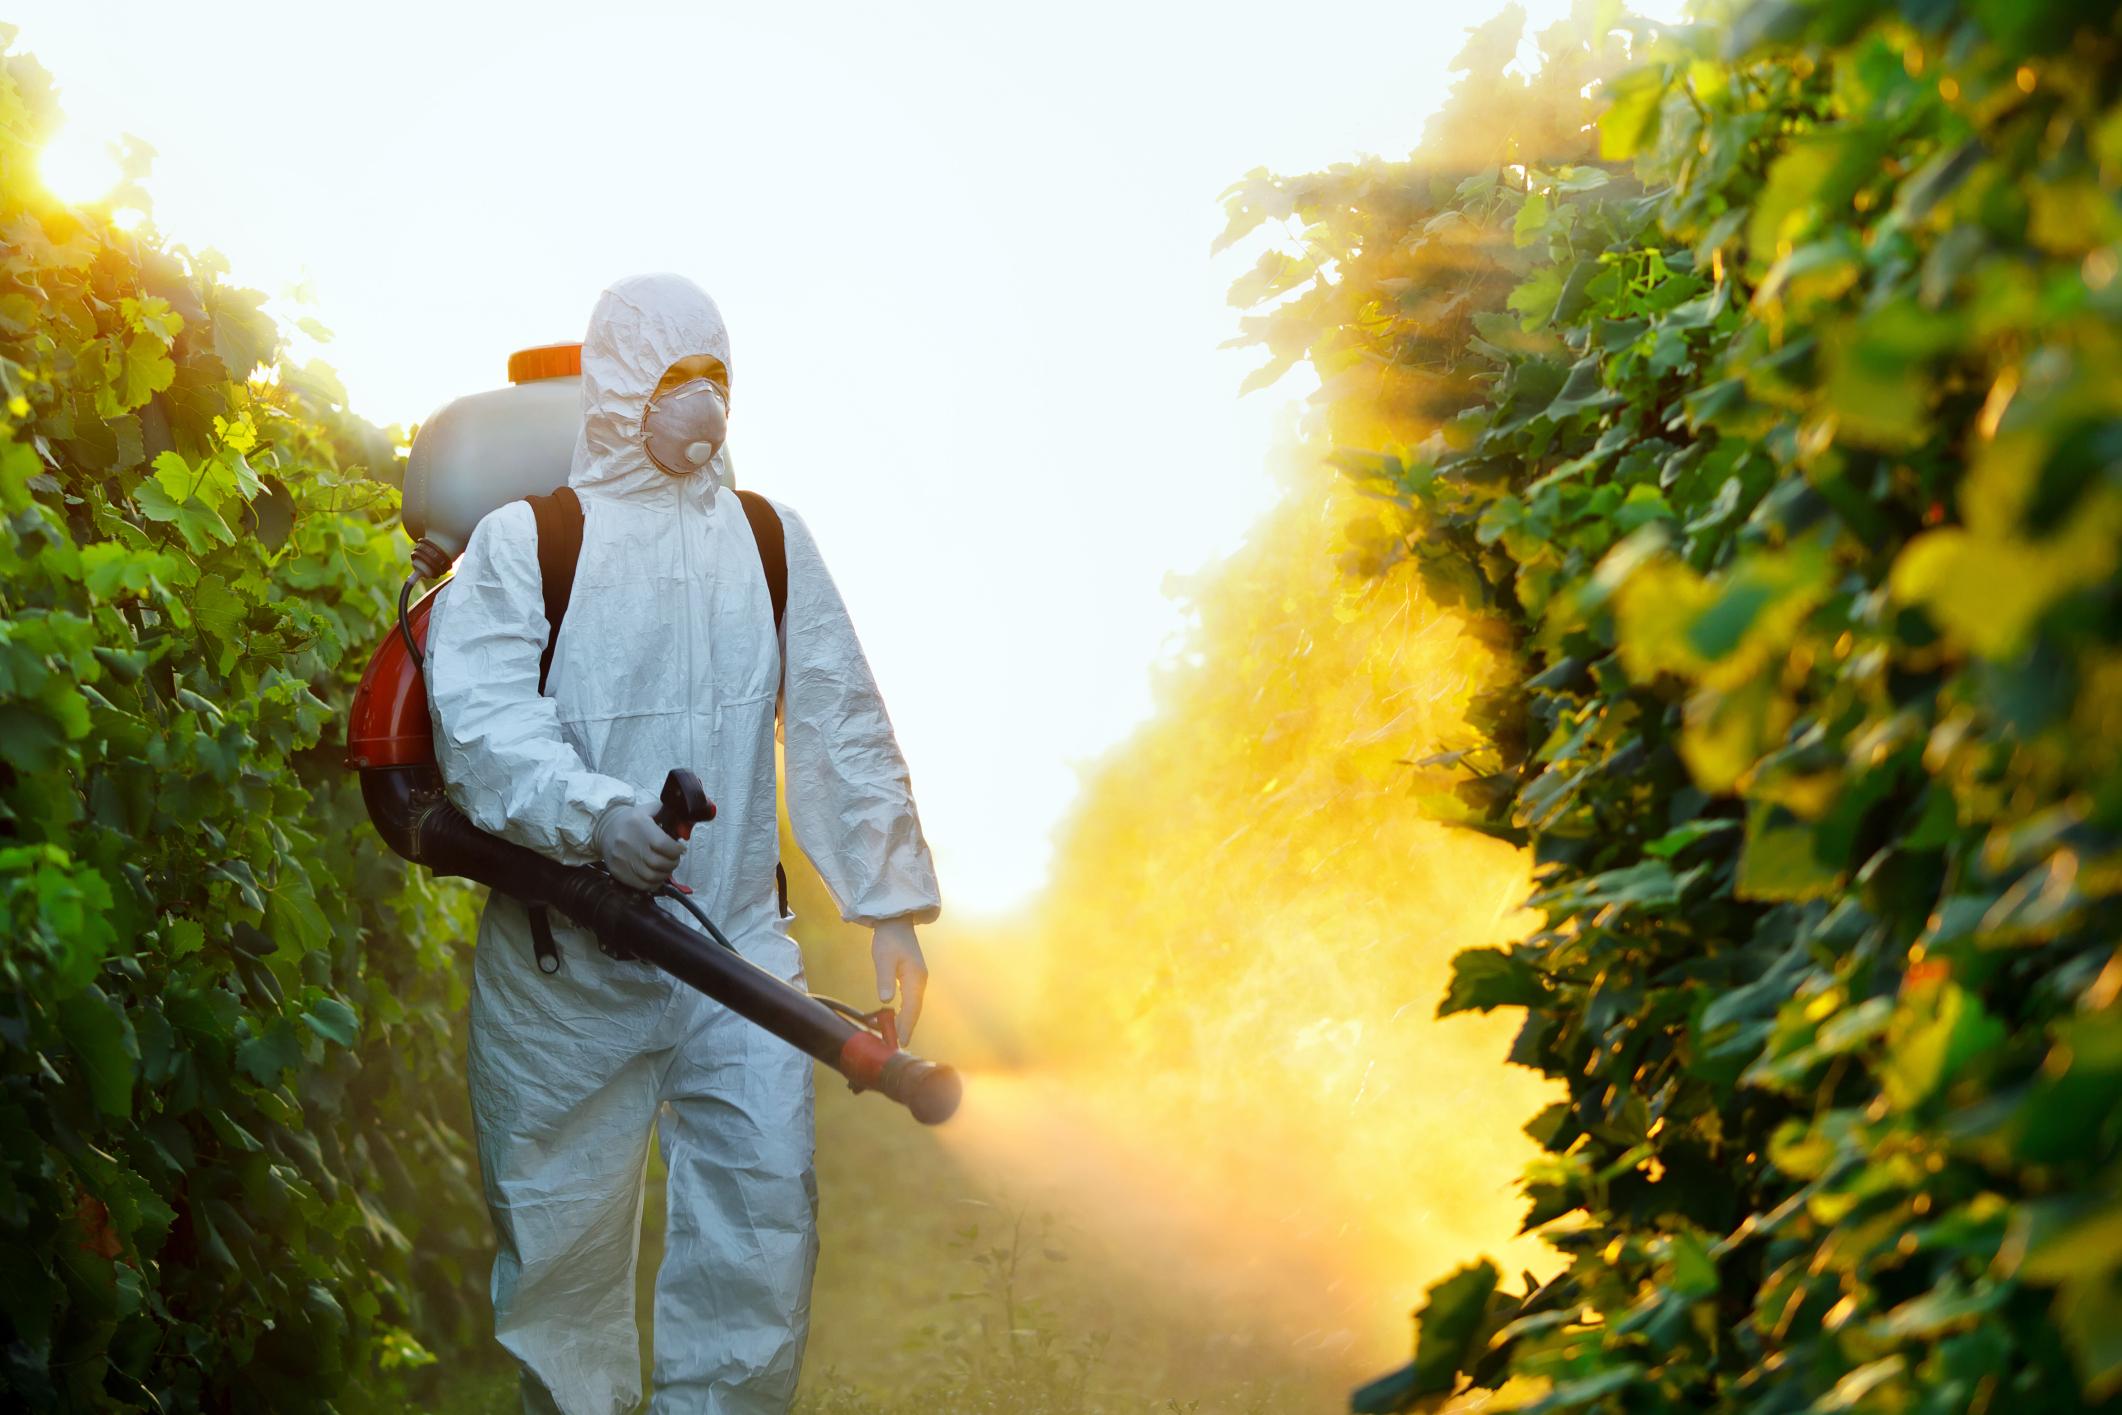 شركه رش مبيدات بخميس مشيط